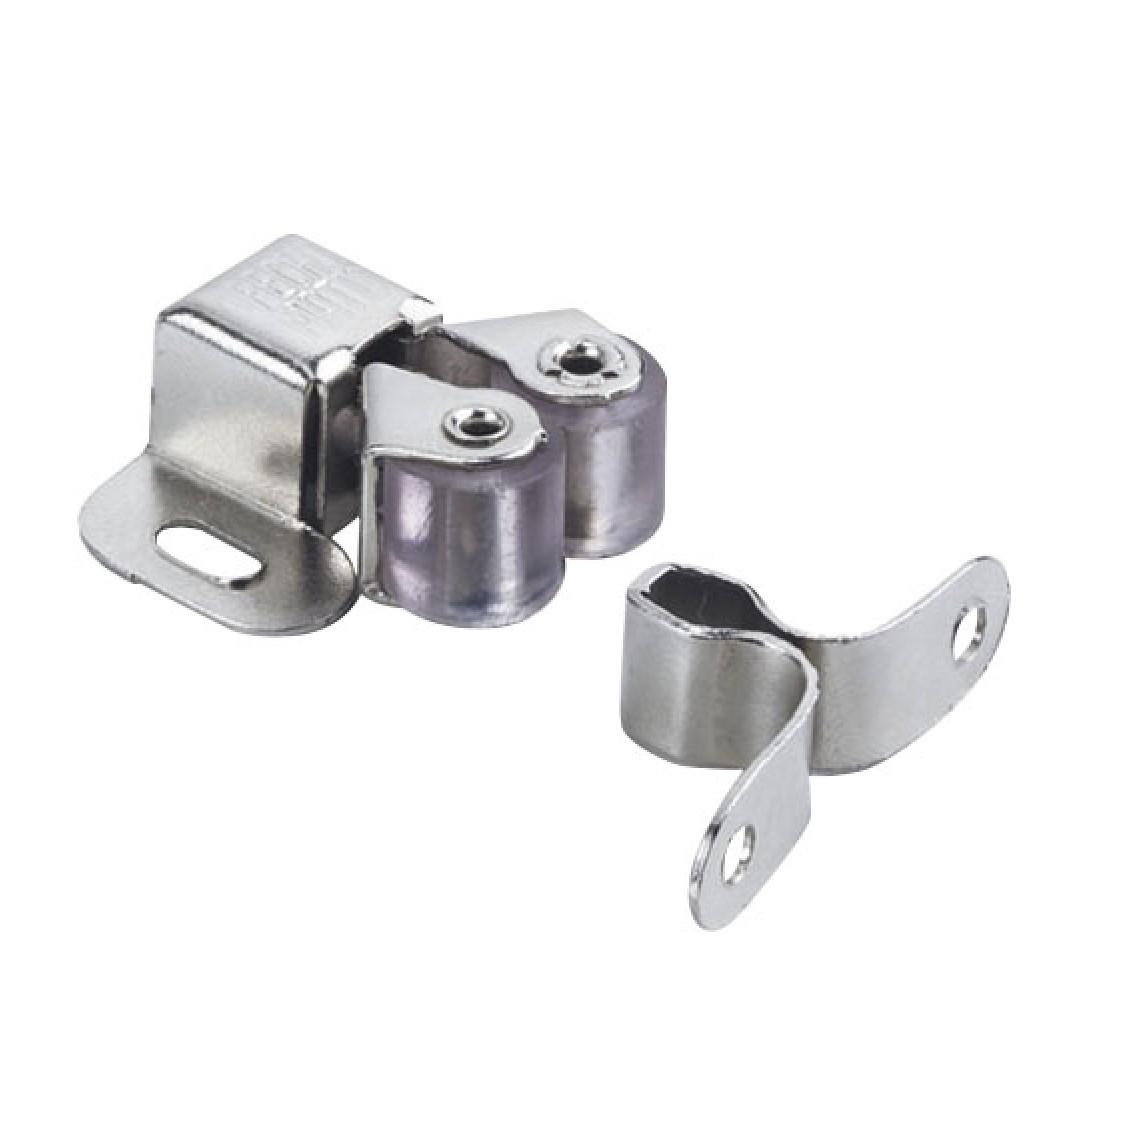 Fecho Rolete Aco e PVC para Portas de Madeira 15 - 8900 - Bemfixa